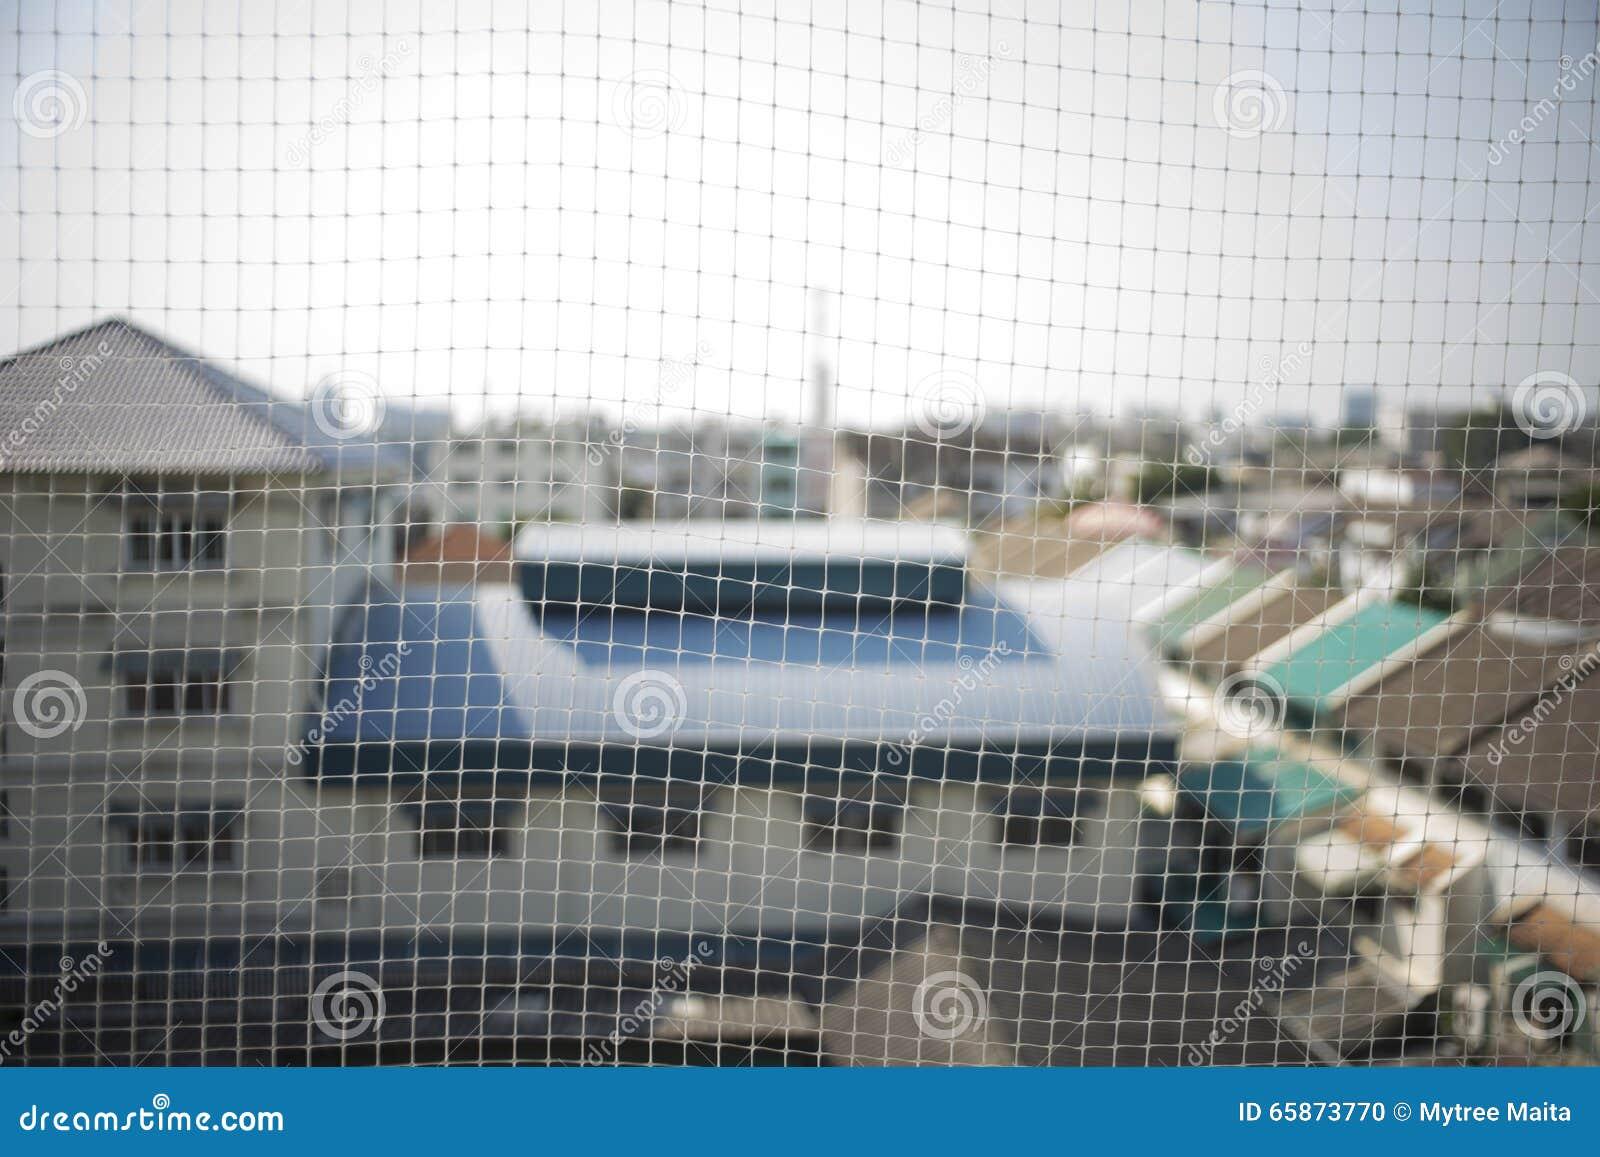 Le filet qui emp chent l 39 oiseau pour vivre au balcon du for Balcony covering nets